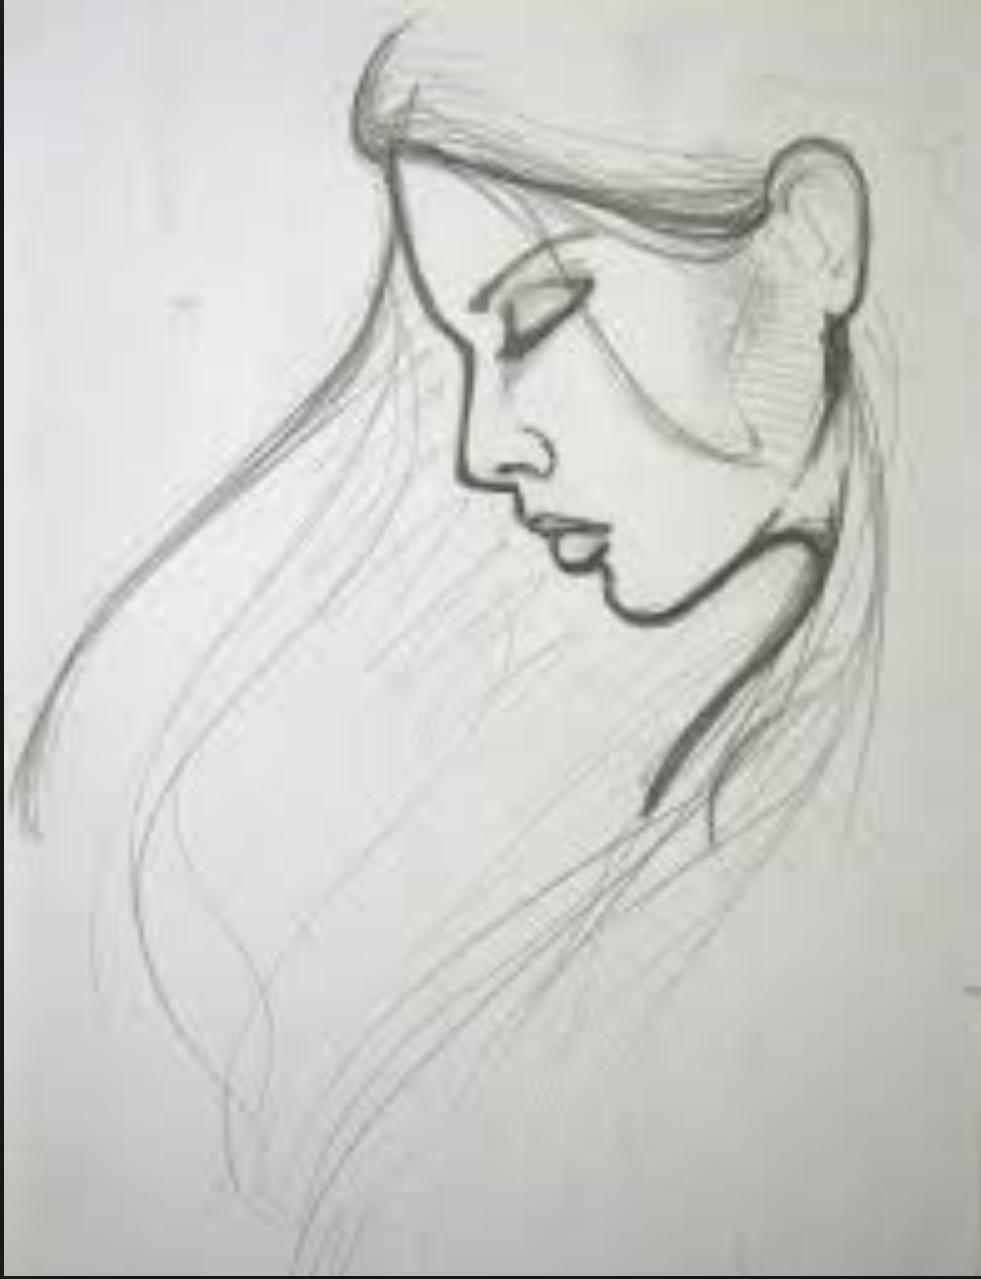 Sad Girl Sketch Tumblr Drawing Ideas Www Galleryneed Com